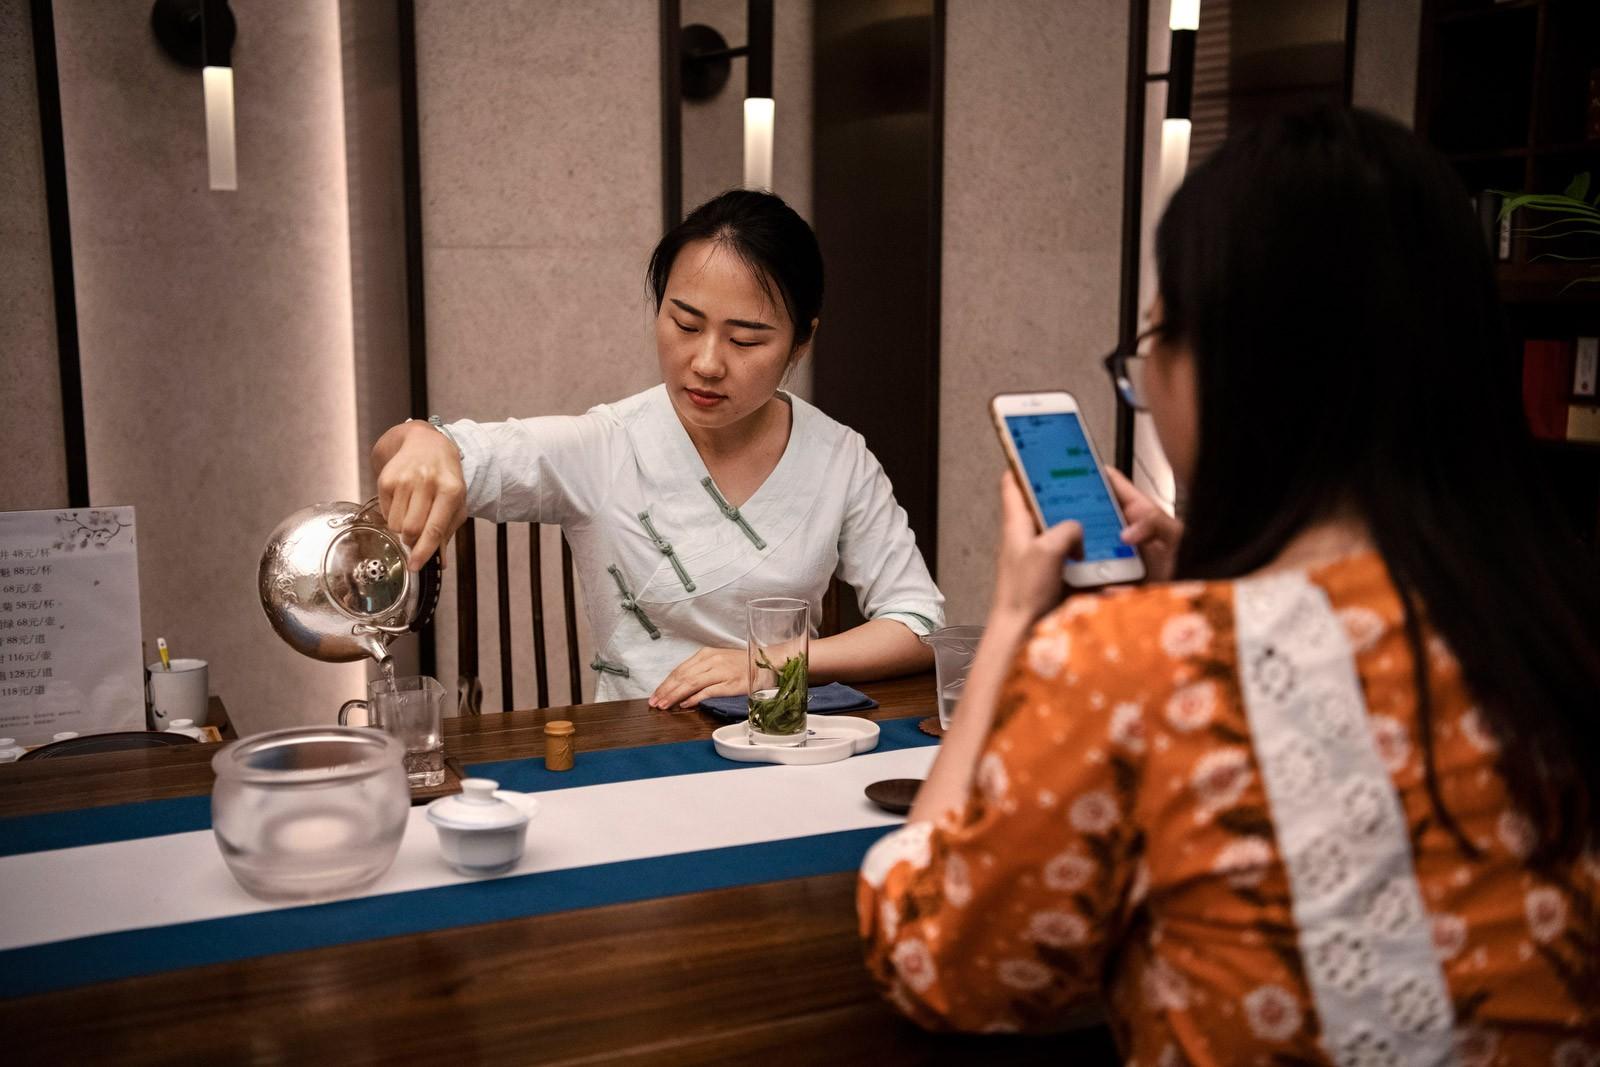 Bên trong Huawei: Đế chế công nghệ bí ẩn của thế giới nhưng là niềm mơ ước của người lao động Trung Quốc - Ảnh 15.